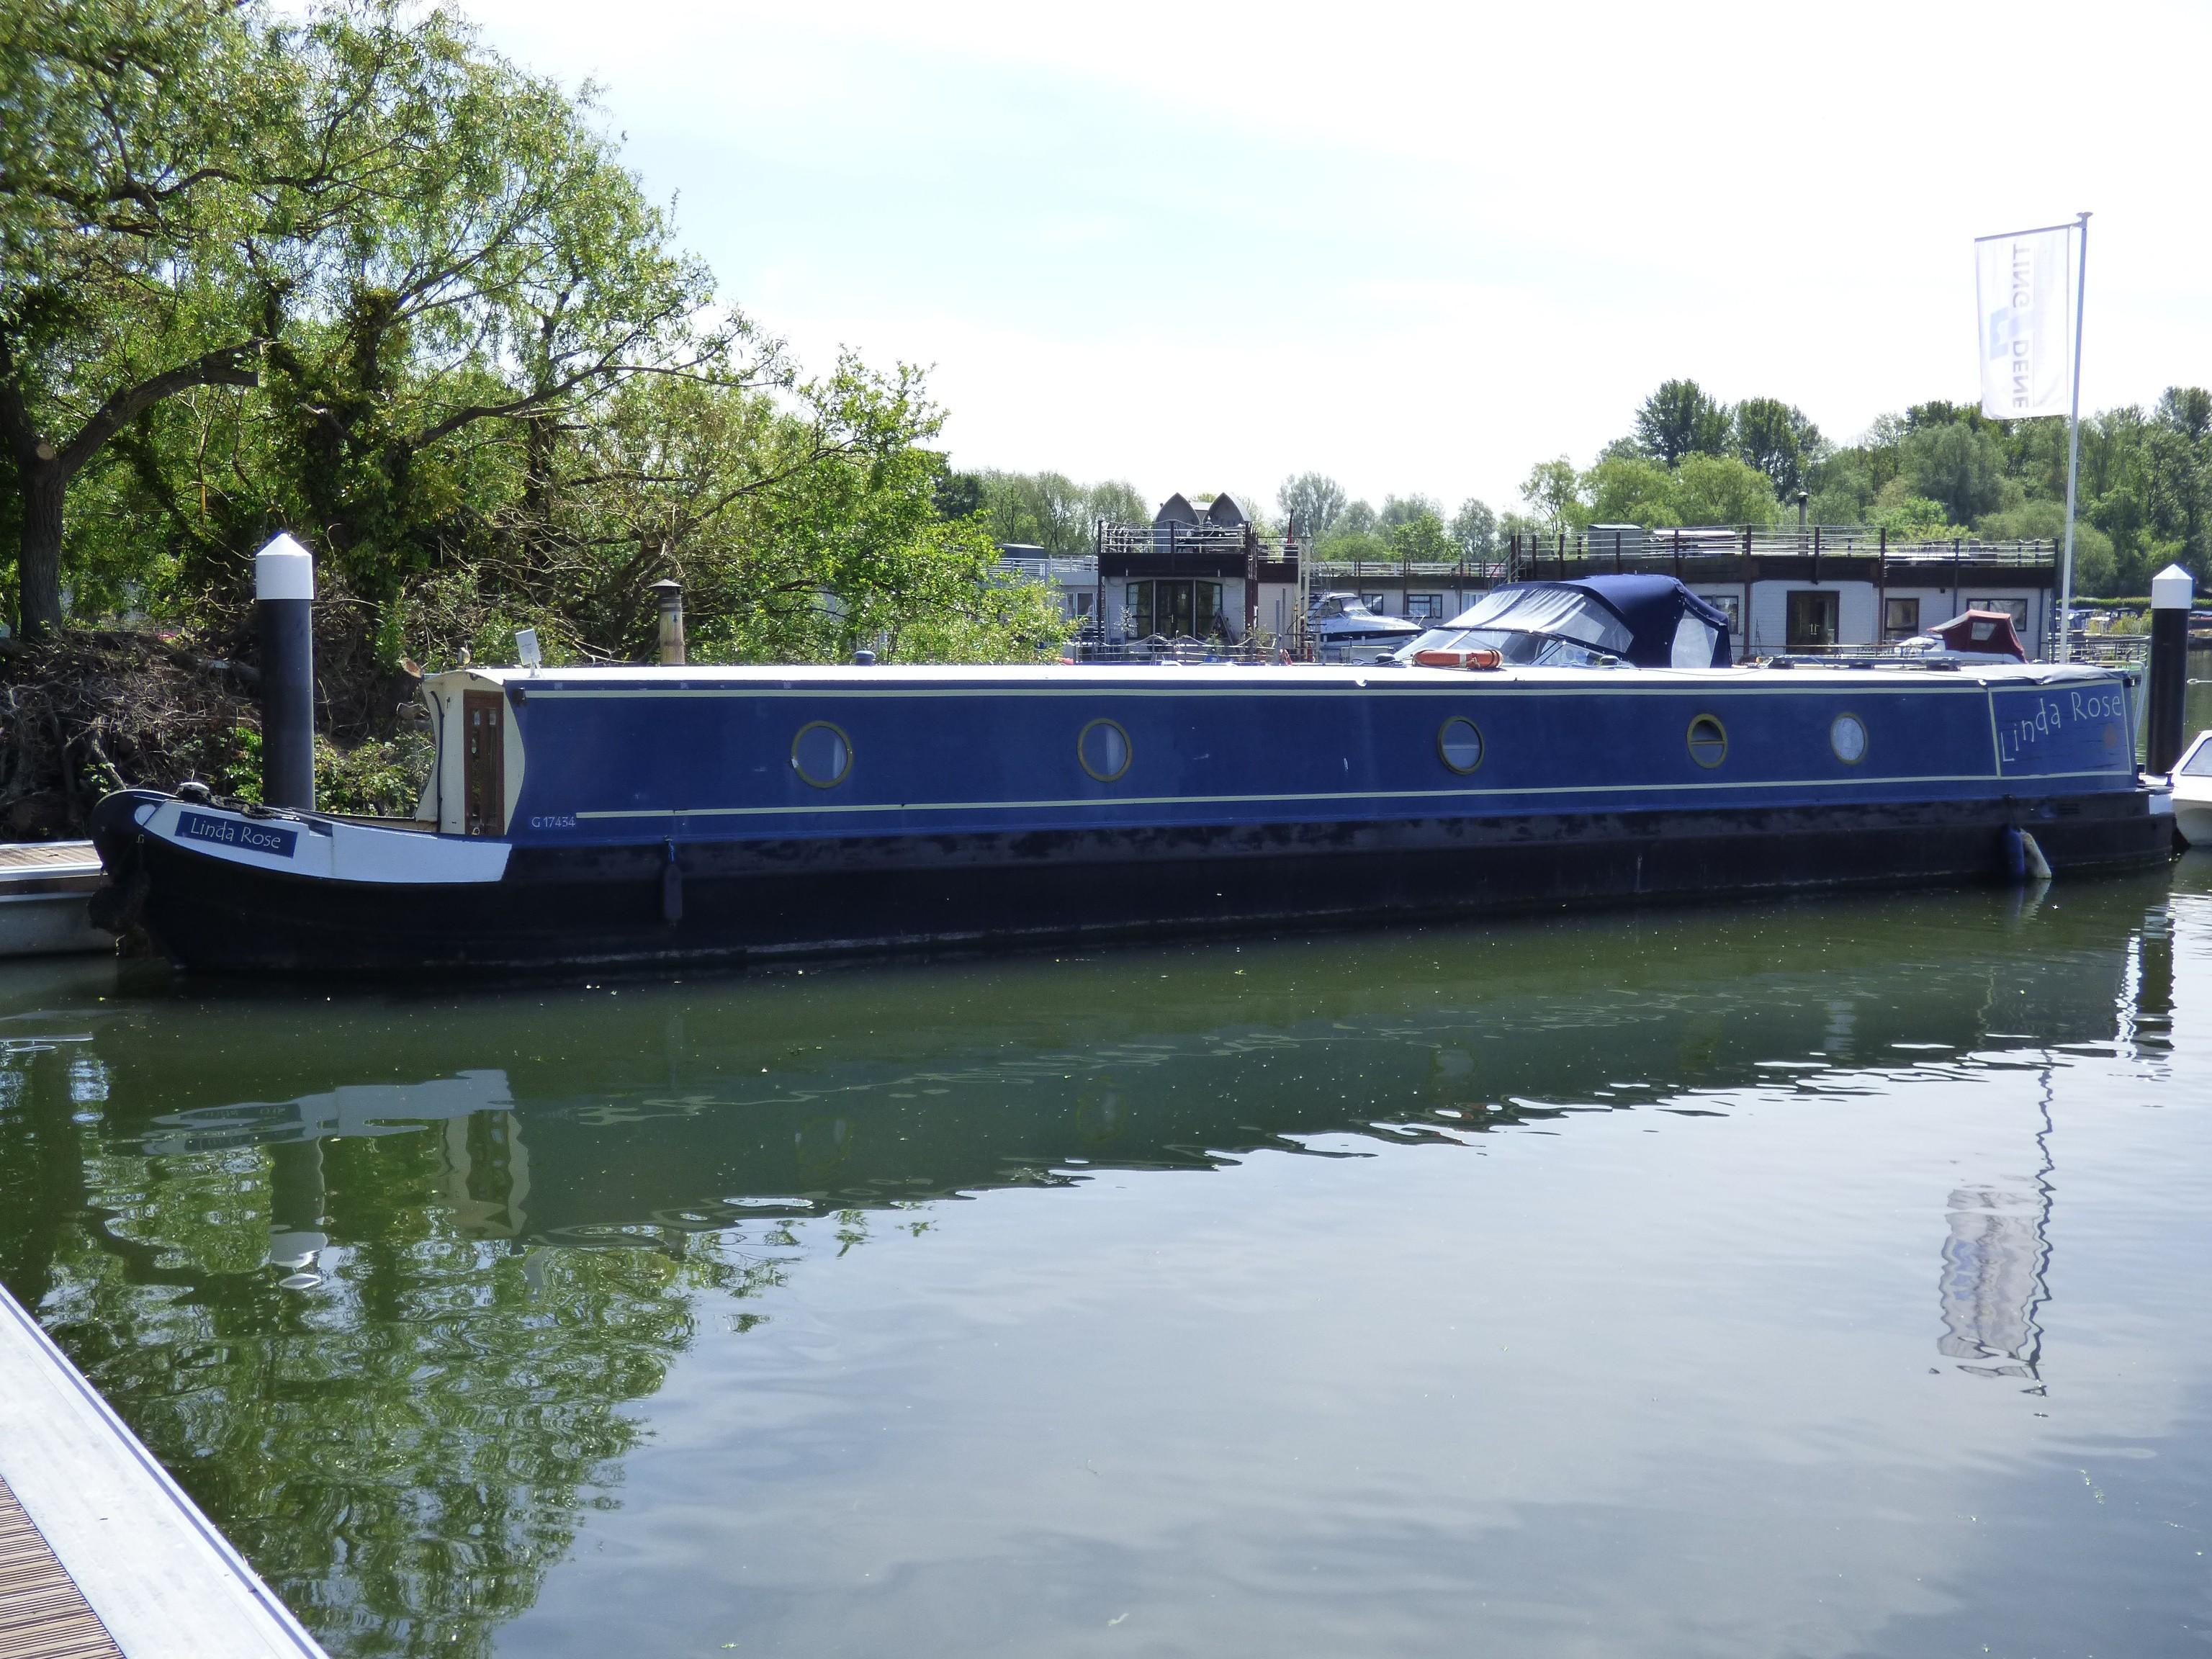 Liverpool Boats Trad Narrowboat